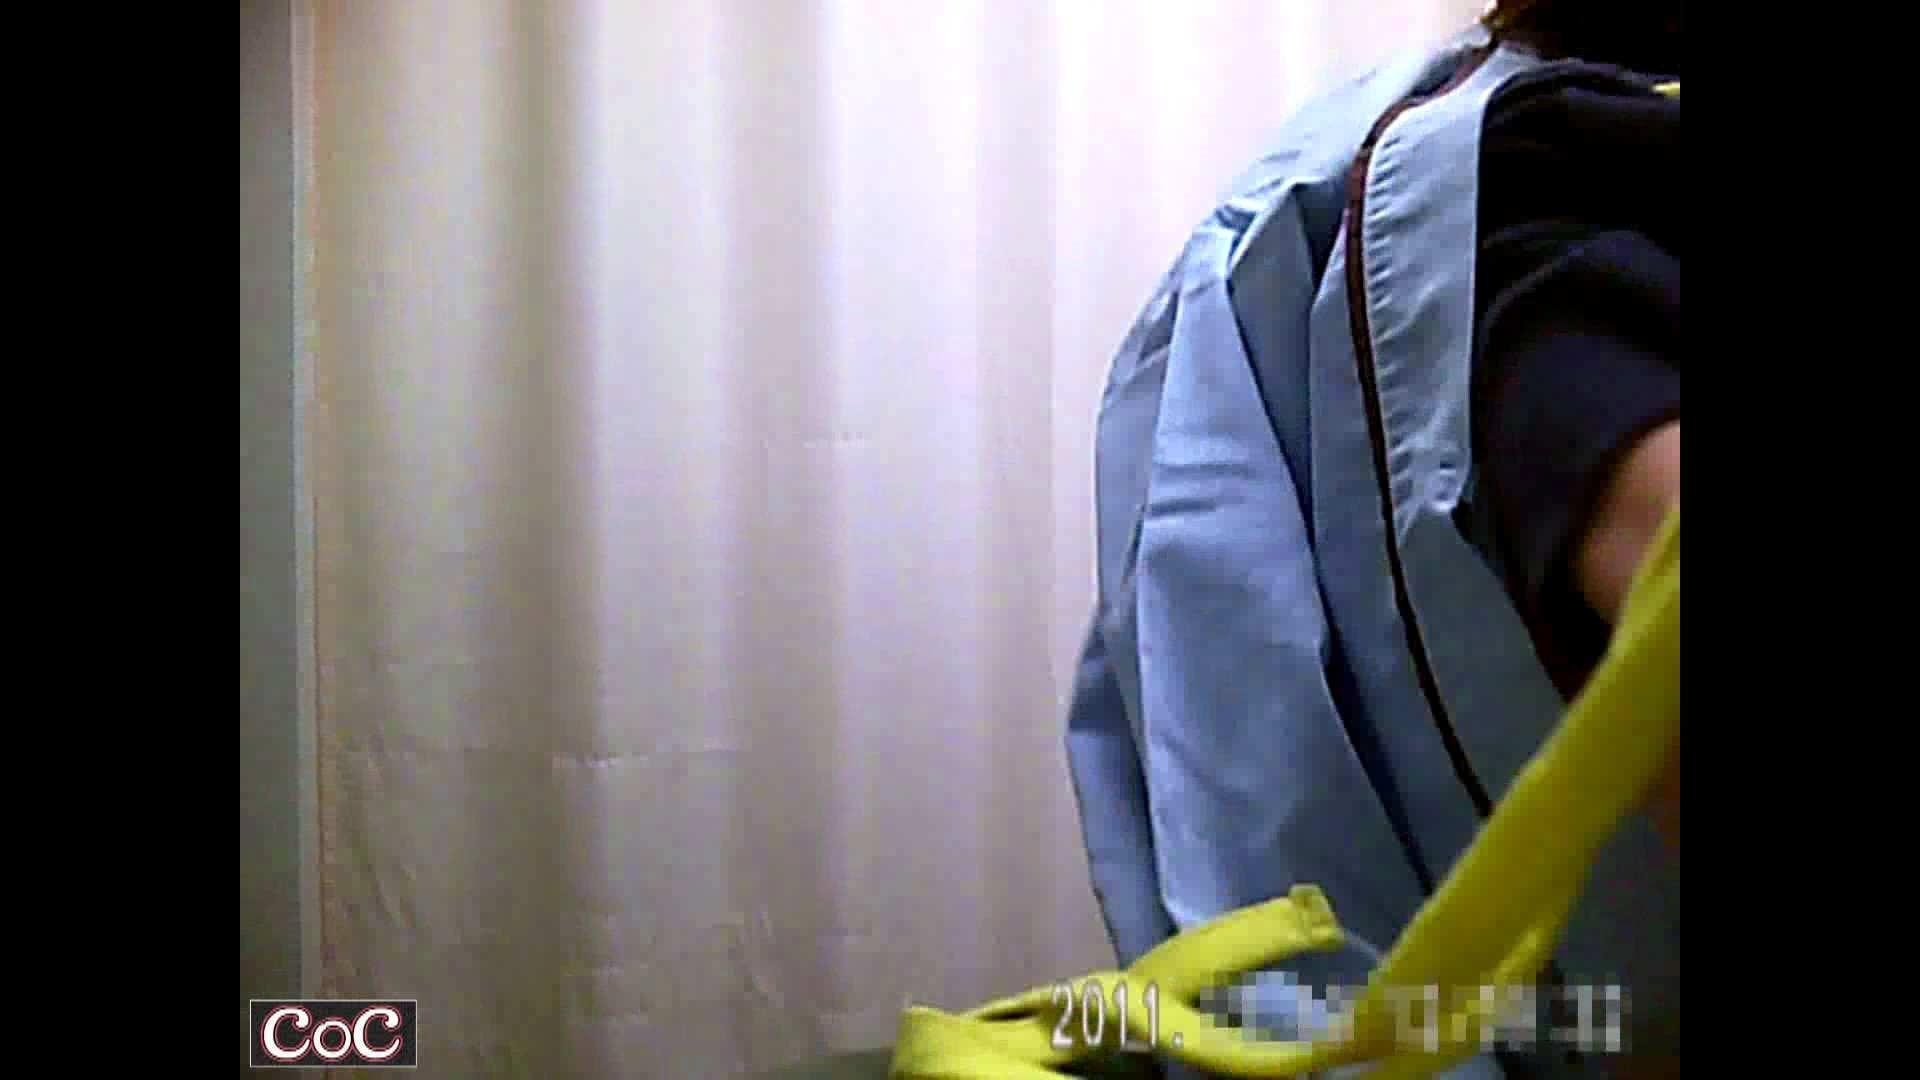 元医者による反抗 更衣室地獄絵巻 vol.209 OL | 0  98連発 49